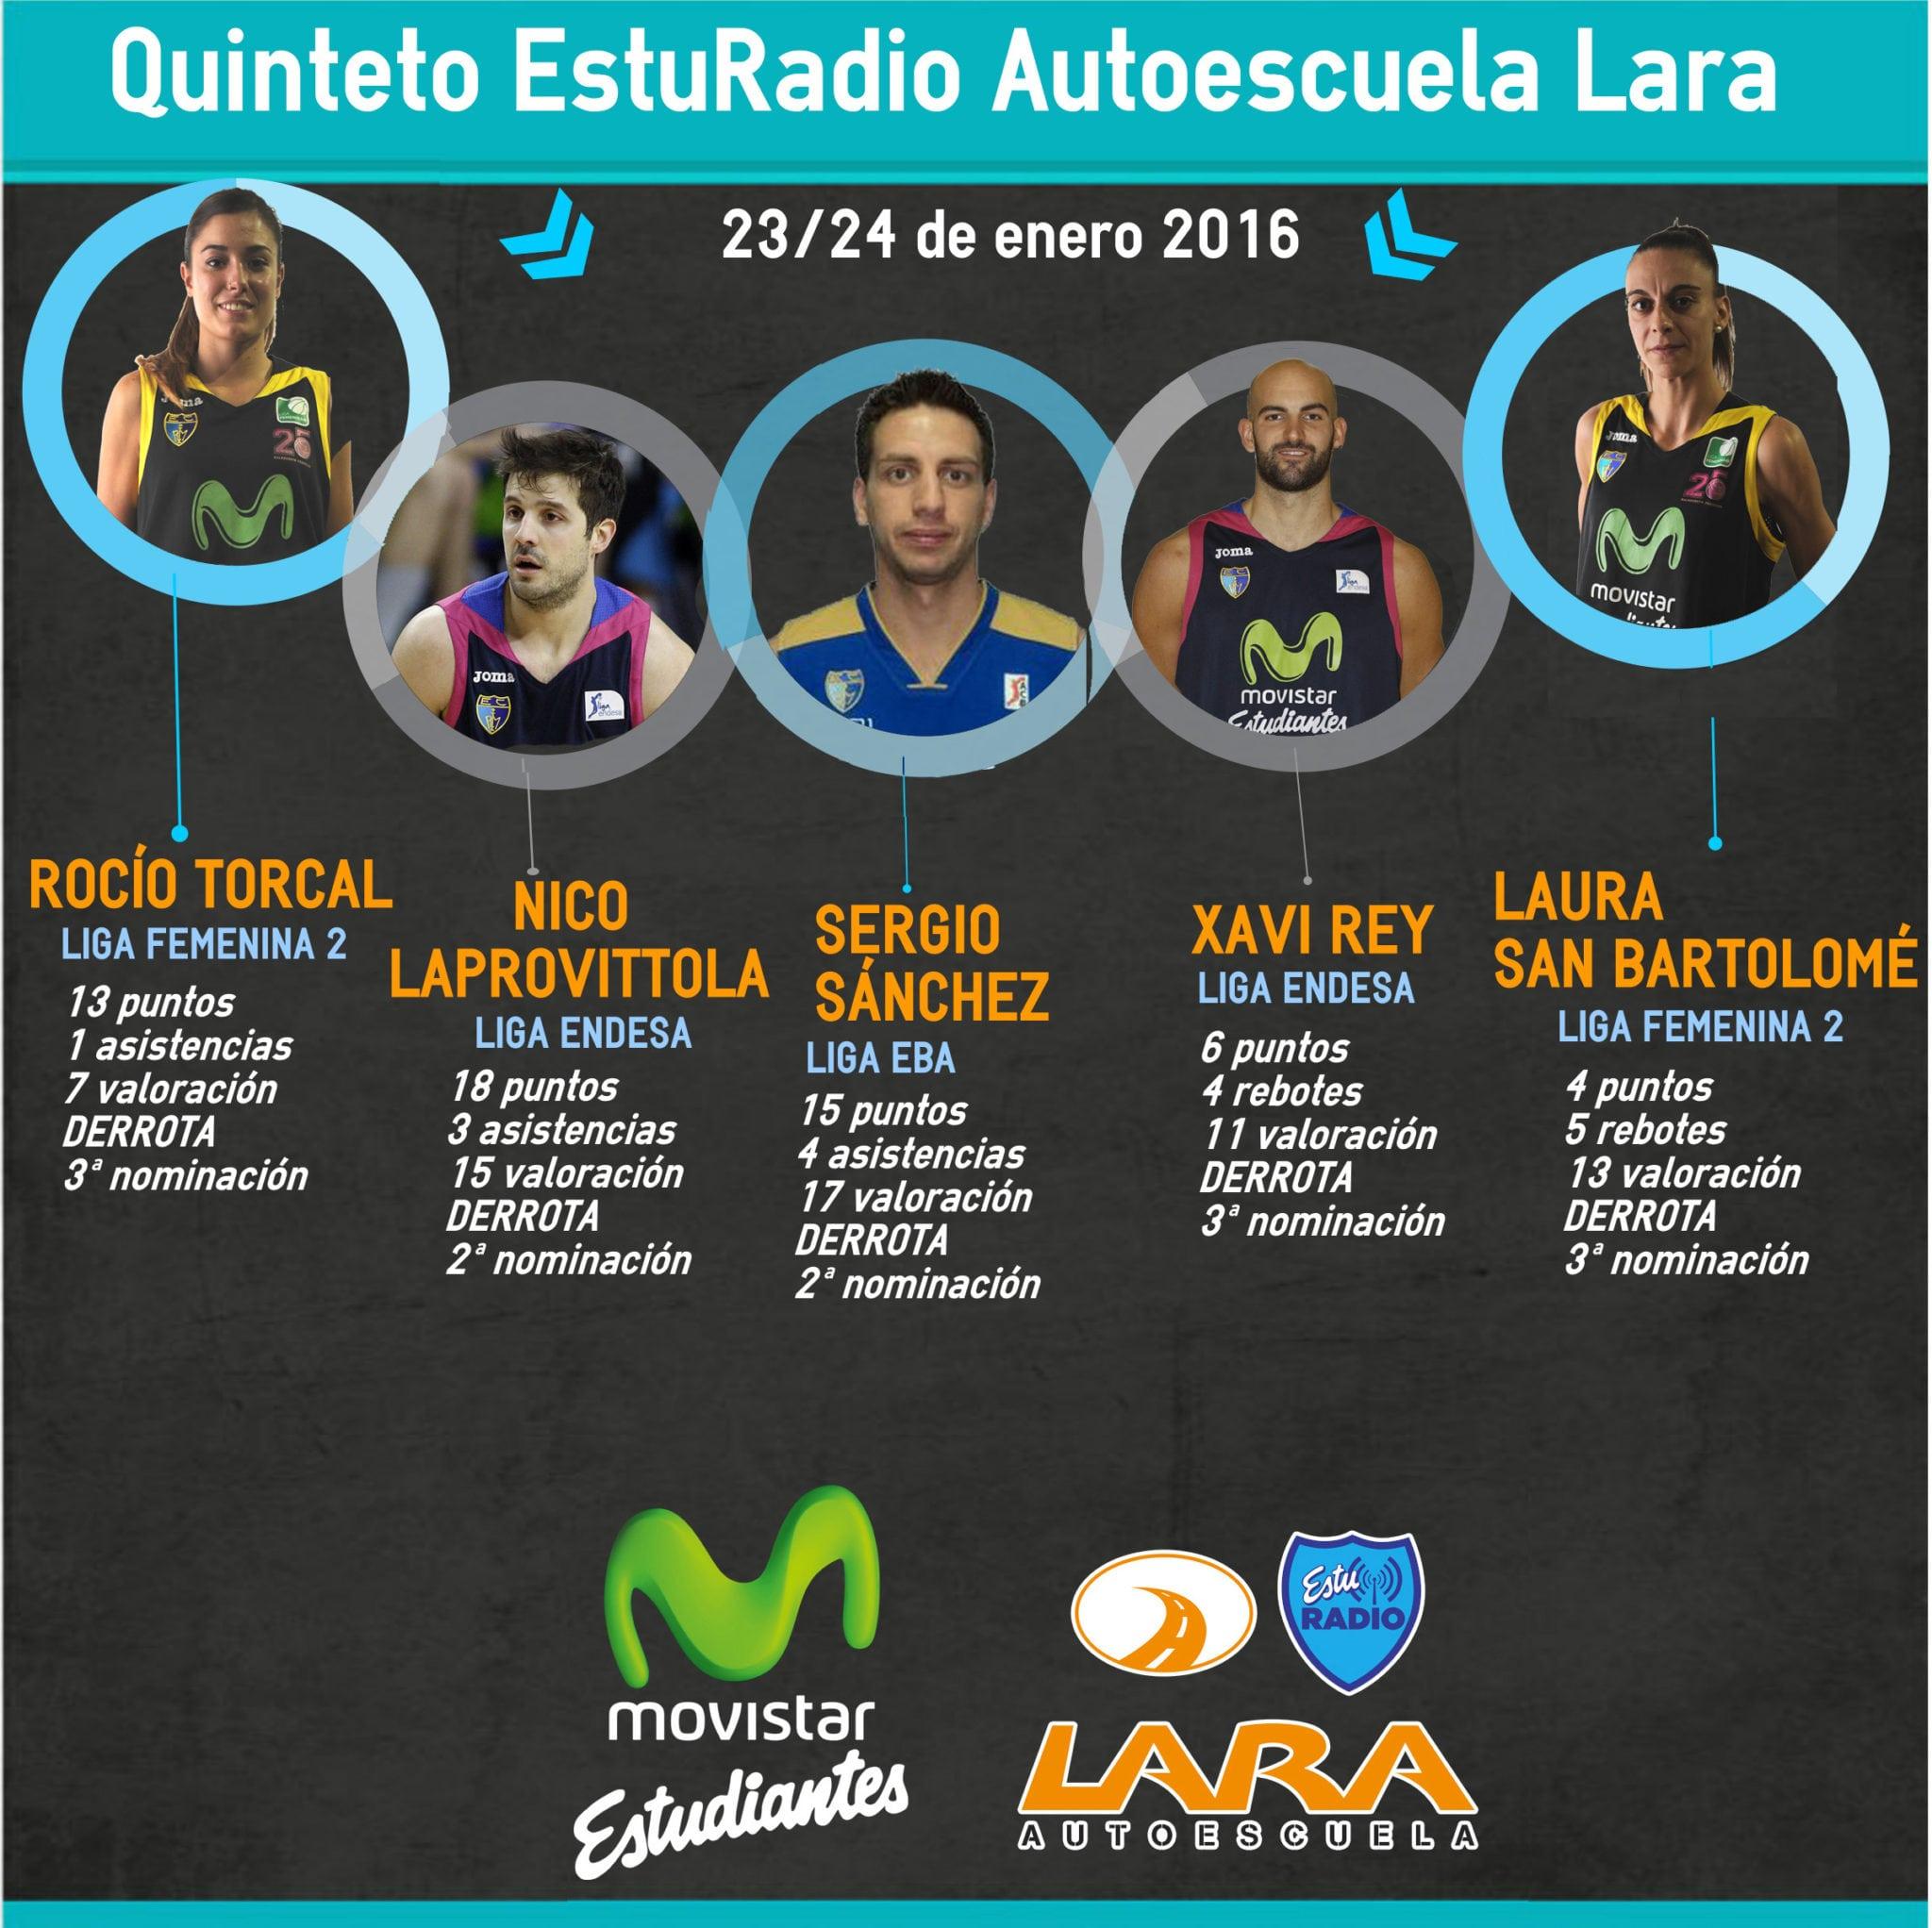 Quinteto EstuRadio: Torcal, Laprovittola, Sánchez, Rey y San Bartolomé